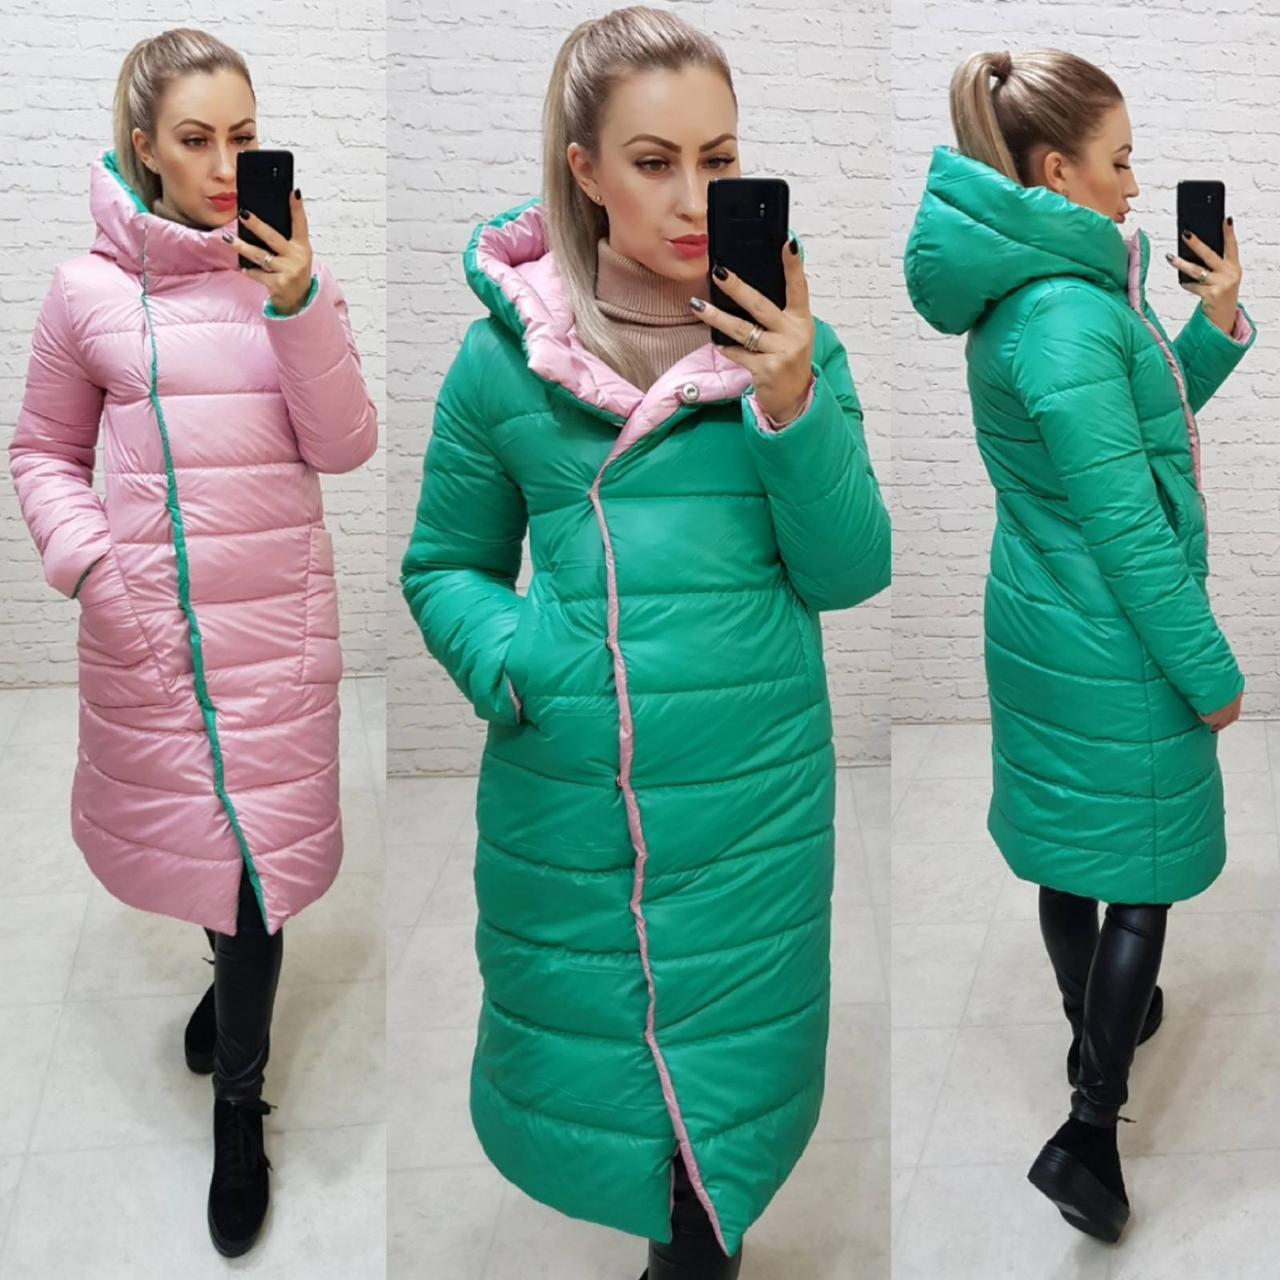 Куртка двустороняя евро-зима  с капюшоном арт. 1007 зеленый / розовый